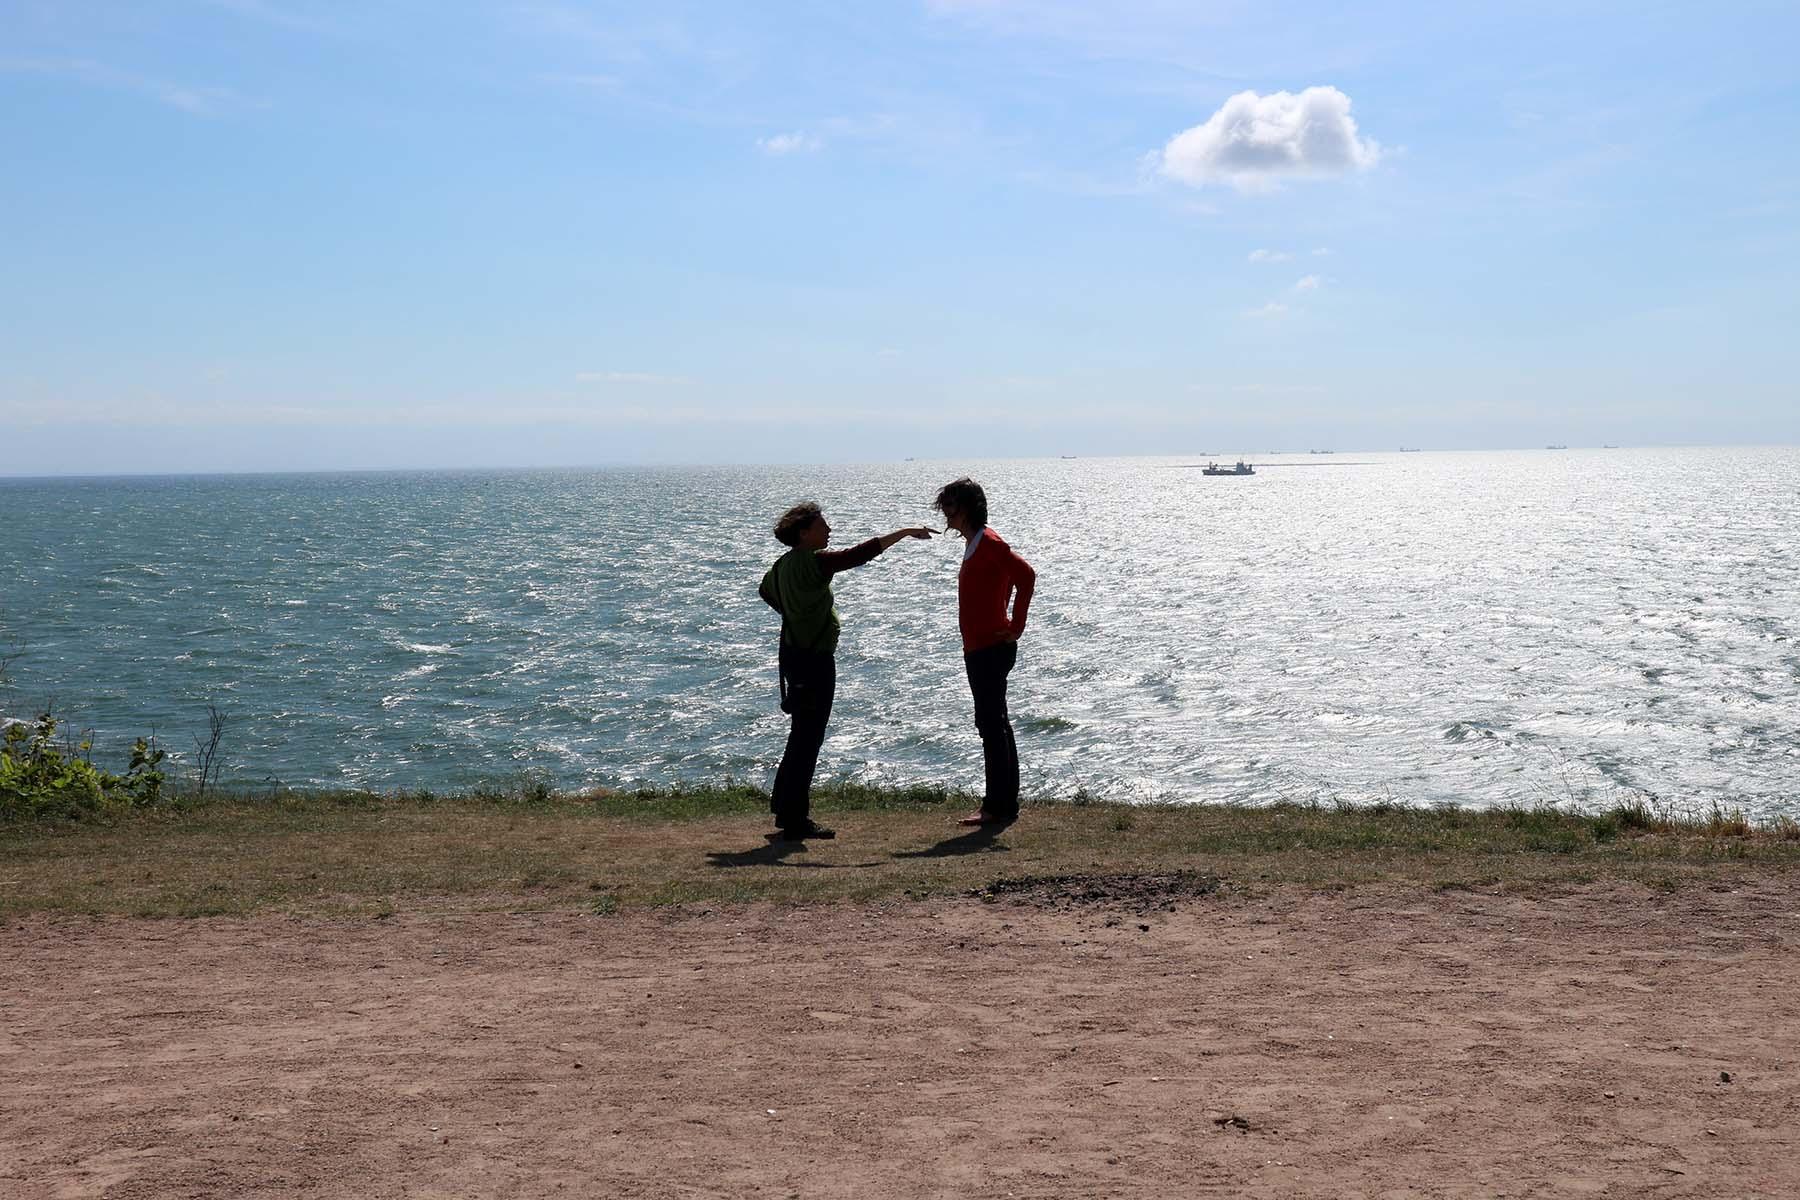 """Sainte-Adresse. Fotokünstlerin Bettina Cohnen und Le Havre-Expertin Séverine Gourgeau """"Am Ende der Welt""""."""